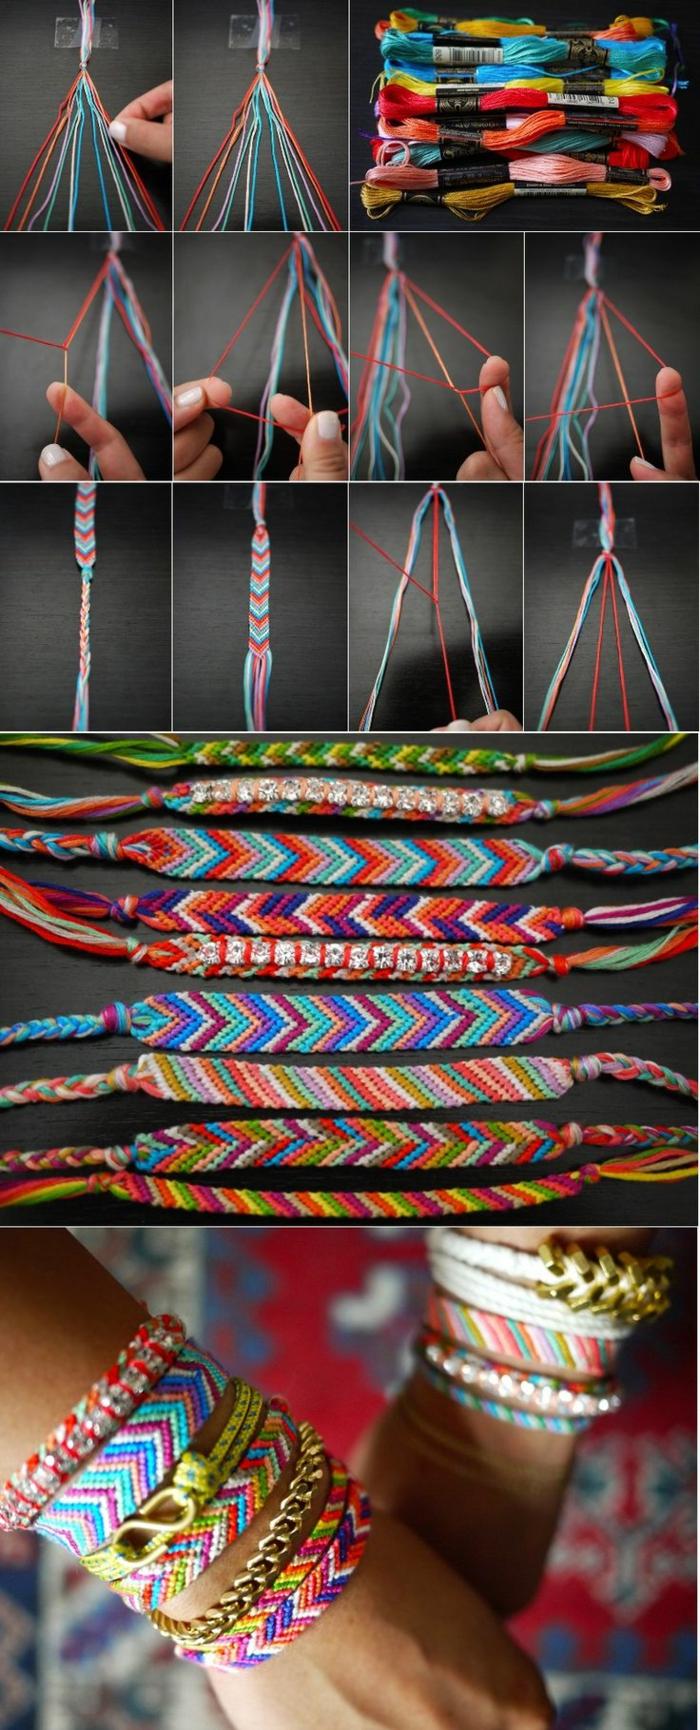 comment-faire-des-bracelets-brésiliens-idée-pour-bracelets-brésiliens-colorées